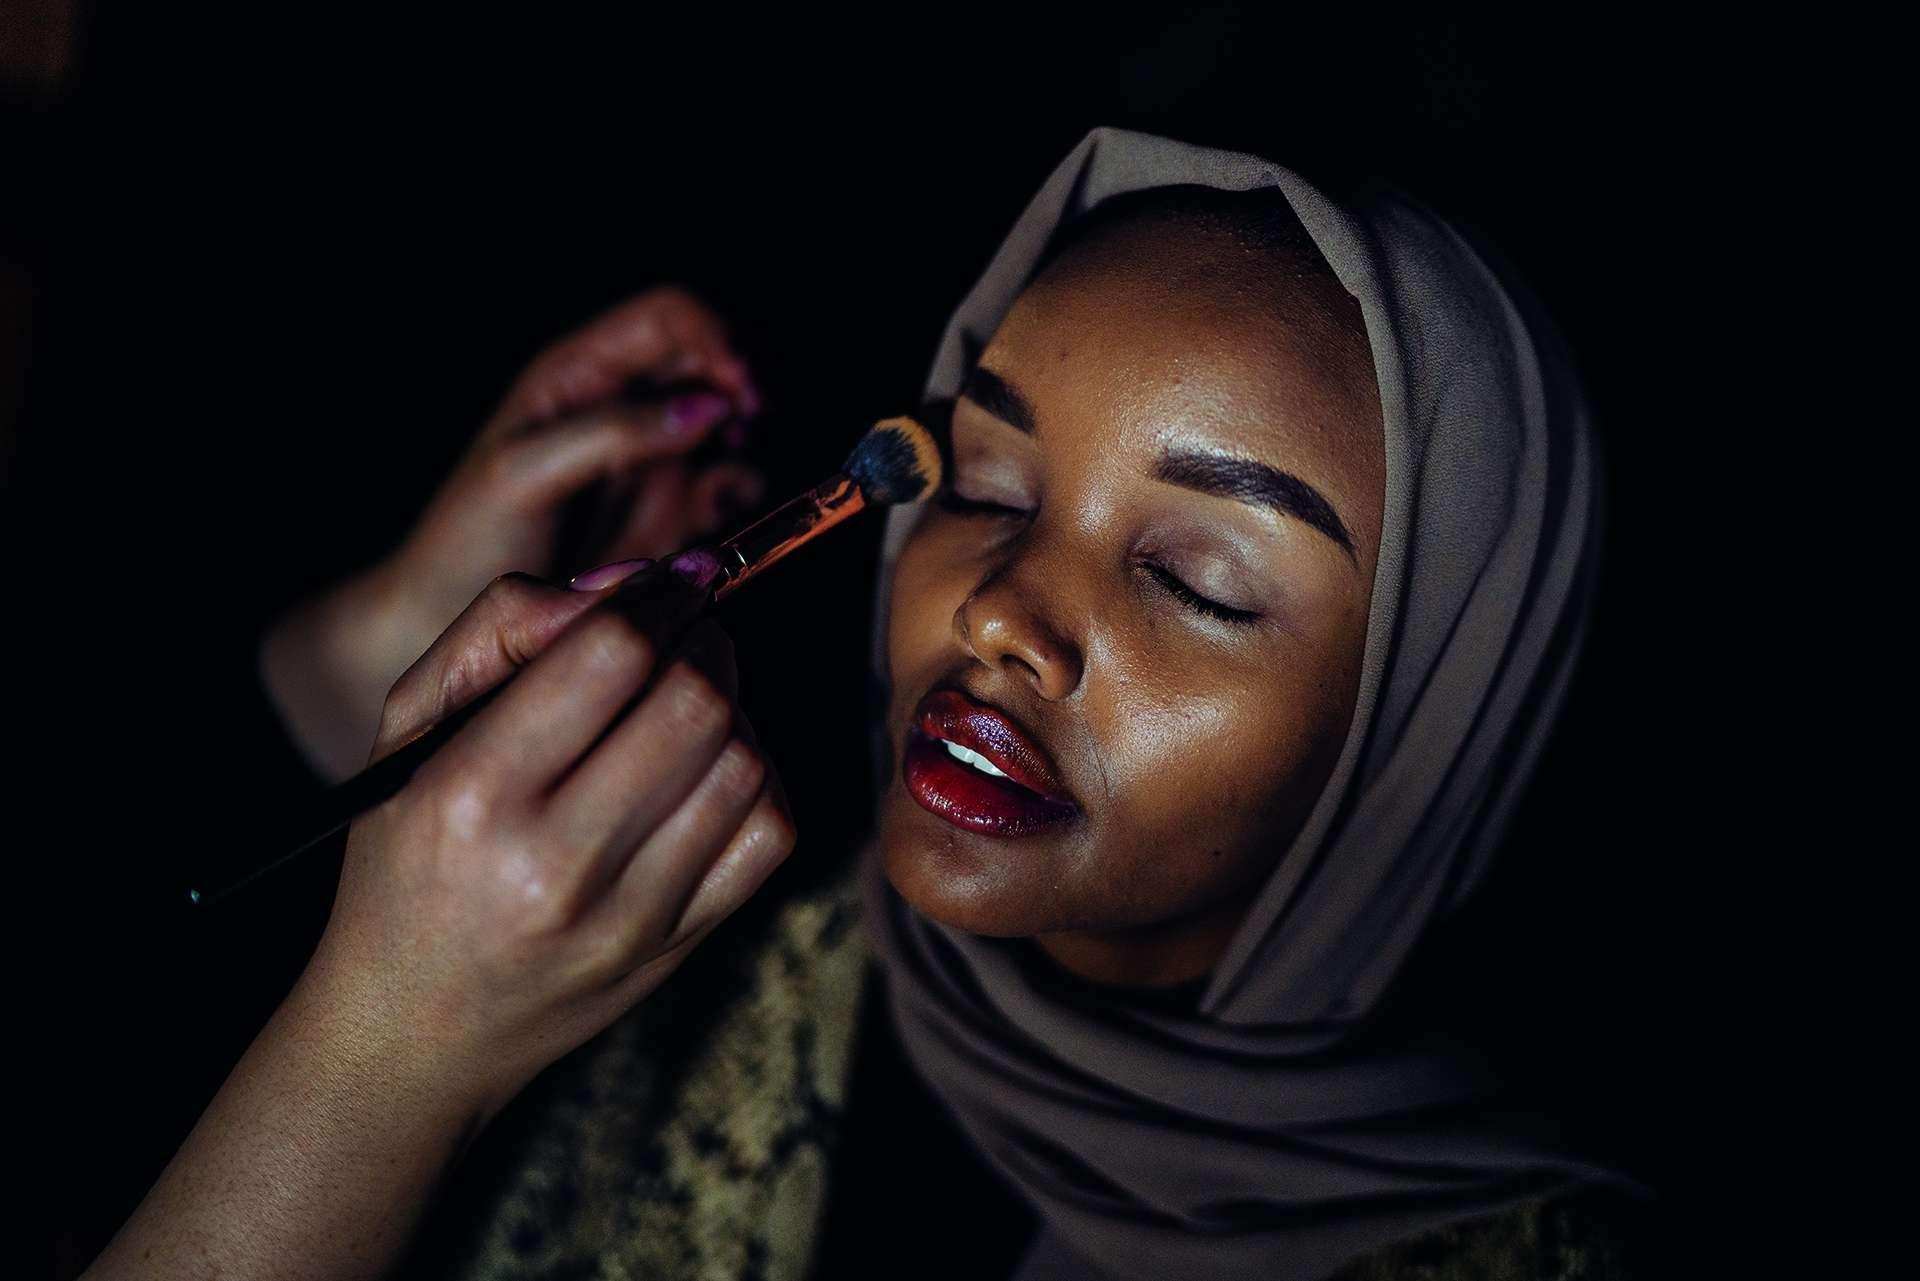 哈麗瑪.阿登戴著頭巾登上英國《時尚》雜誌以及《運動畫刊》2019年泳裝特刊的封面時,打破了許多成規。圖中,她正在土耳其伊斯坦堡的端莊時裝週由人幫她化妝,這個時裝週頌揚的是時尚的另外一面。阿登是出生於肯亞的索馬利難民,後來移民美國,是明尼蘇達州美國小姐選美比賽中第一位穿戴頭巾與布基尼的參賽佳麗。攝影:漢娜. 雷耶斯. 莫拉雷斯HANNAH REYES MORALES